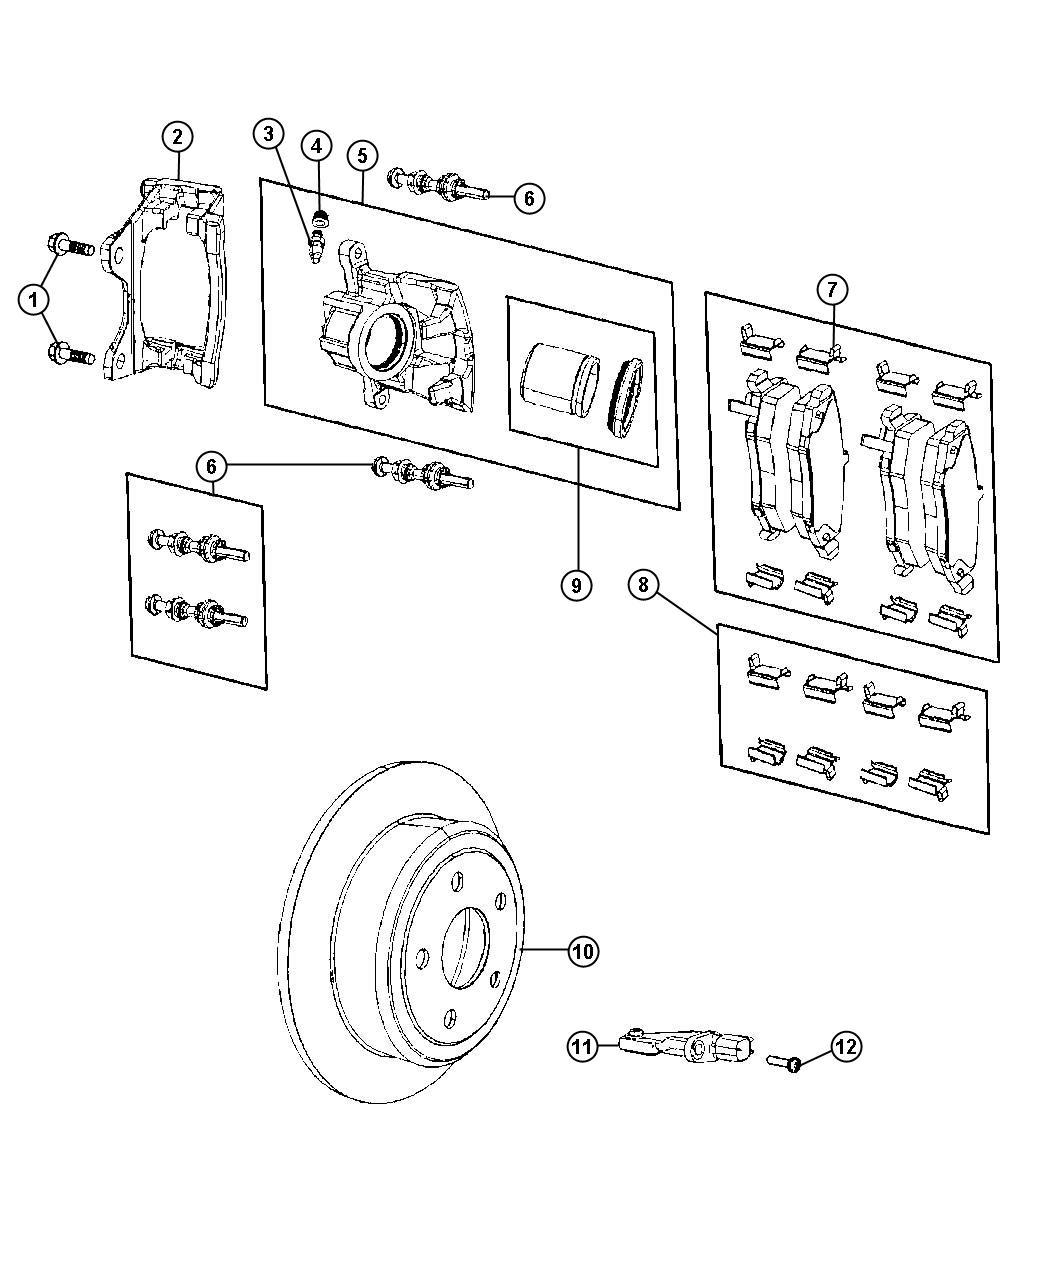 Dodge Rear End Noise